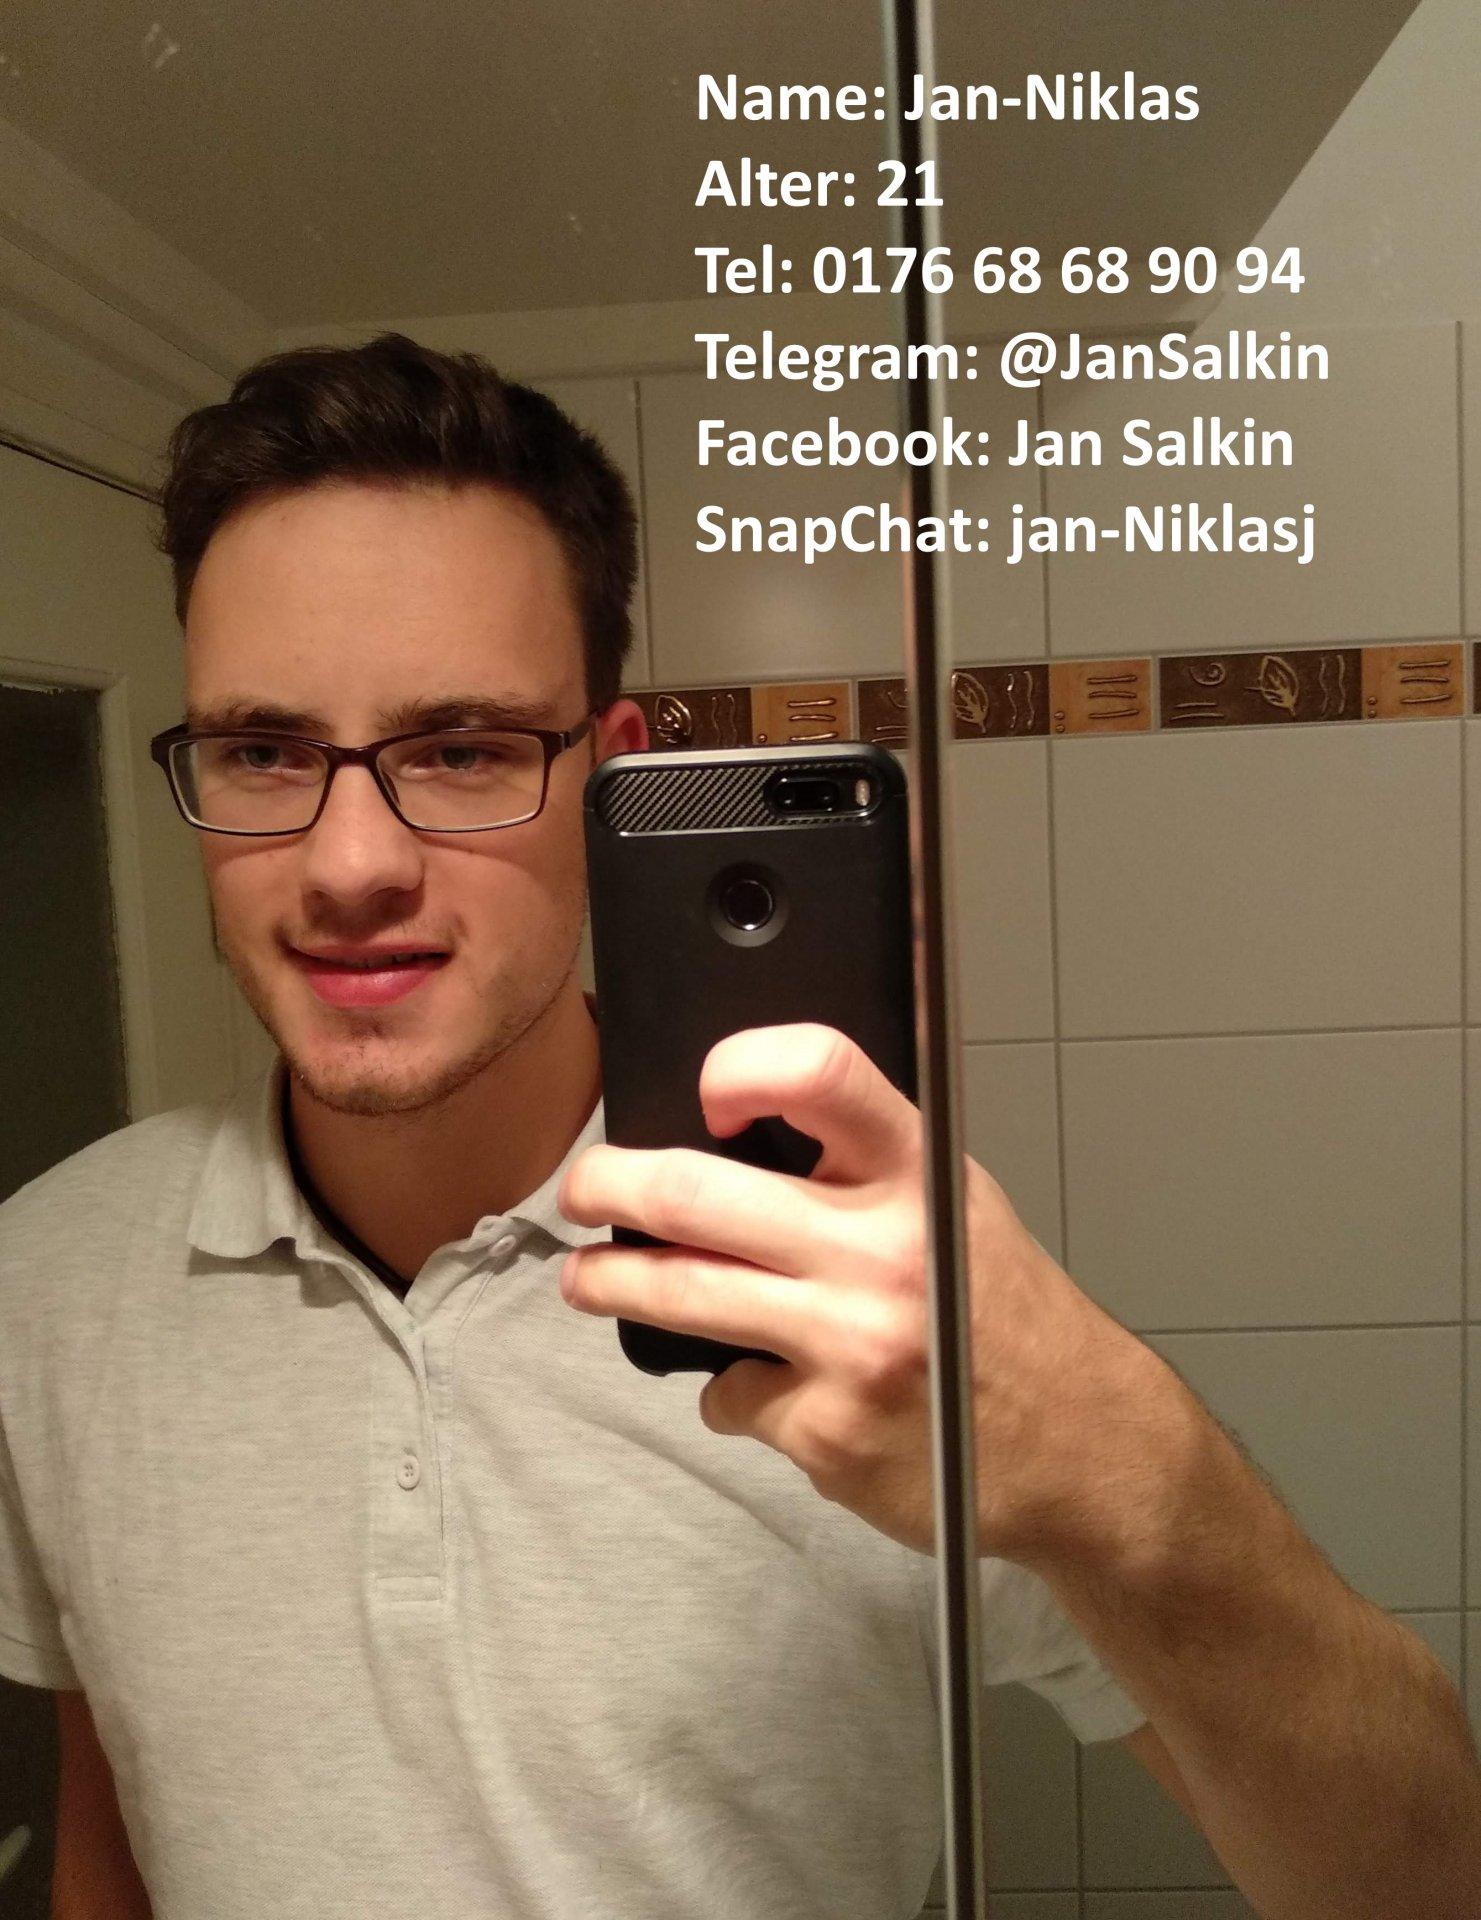 JanSalkin aus Berlin,Deutschland